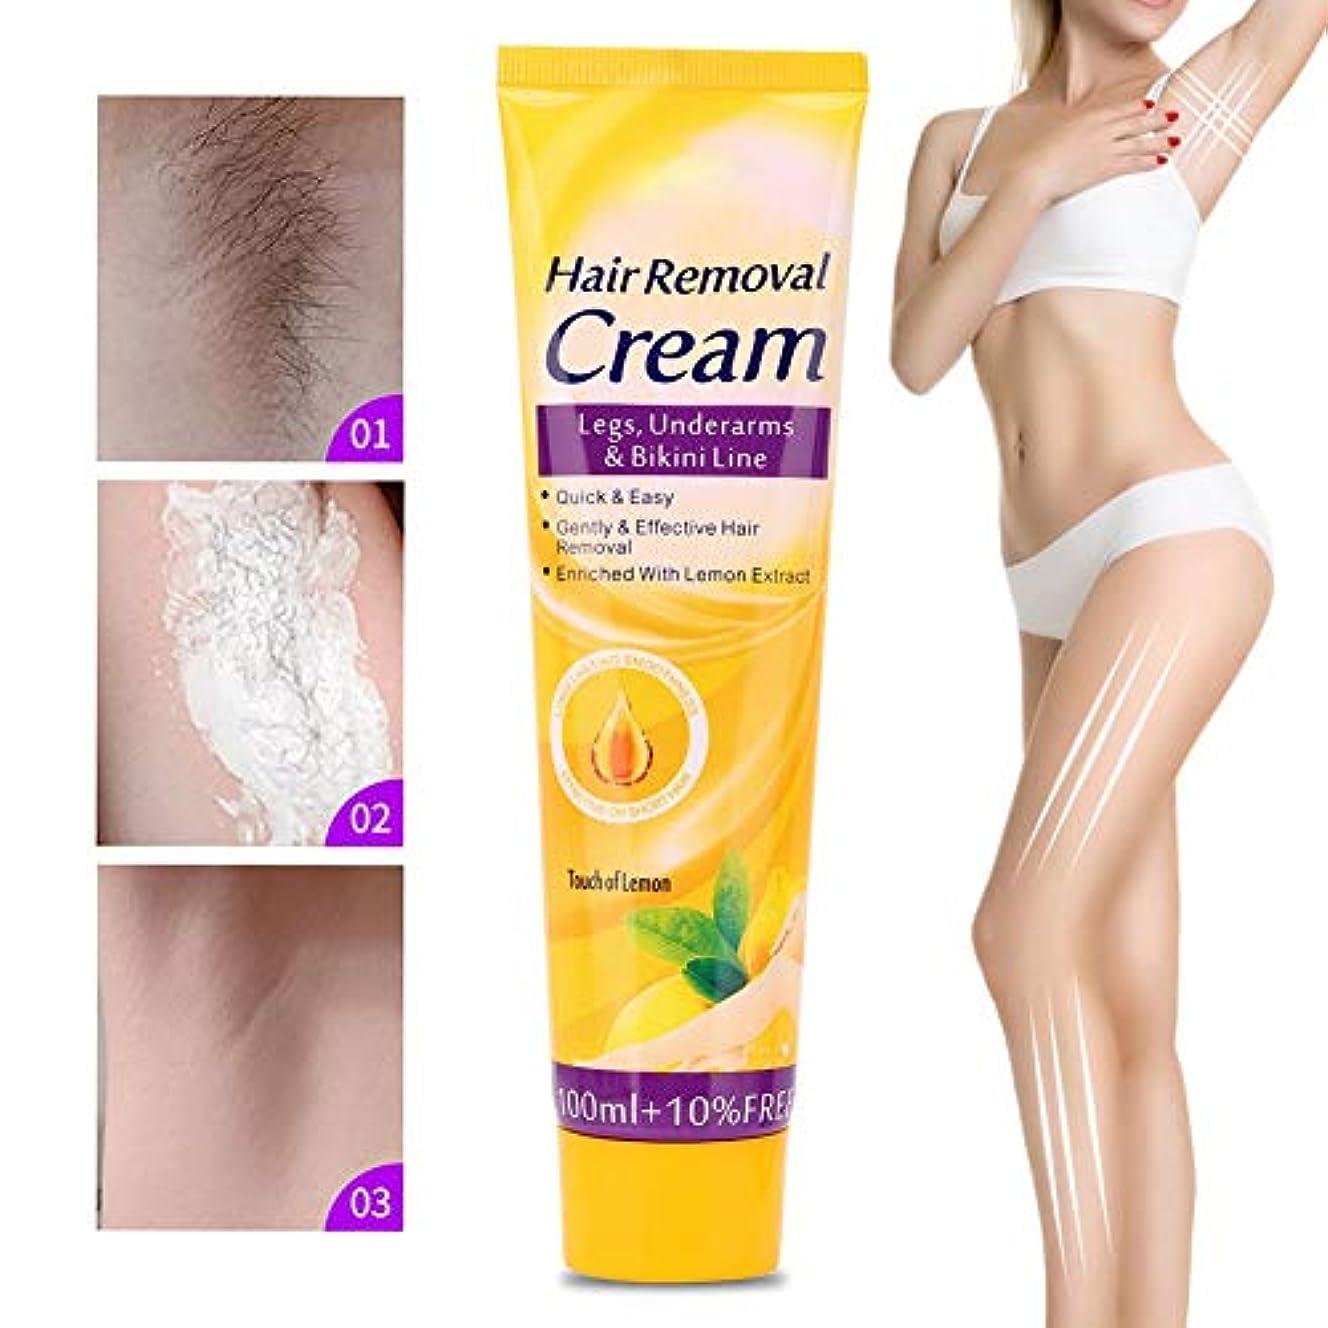 開梱捧げる衛星男女兼用の脱毛クリーム、穏やかな痛みのない安全な脱毛クリームを使用するのに便利簡単に太い髪の除去脚の腕に使用される滑らかで柔らかい肌